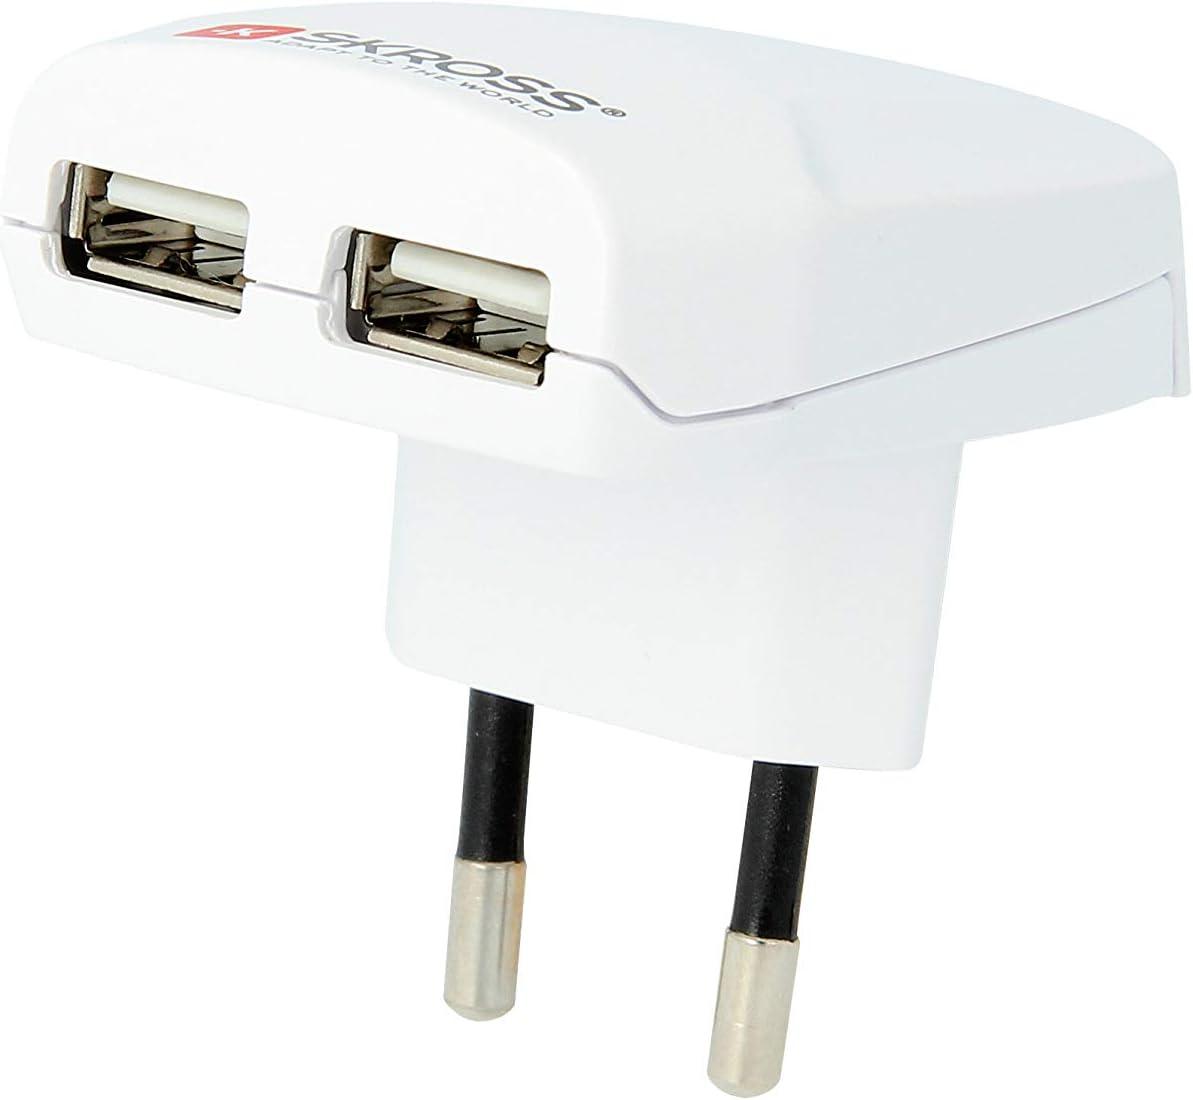 USB Ladeger/ät Weiss OneSize SKROSS Euro